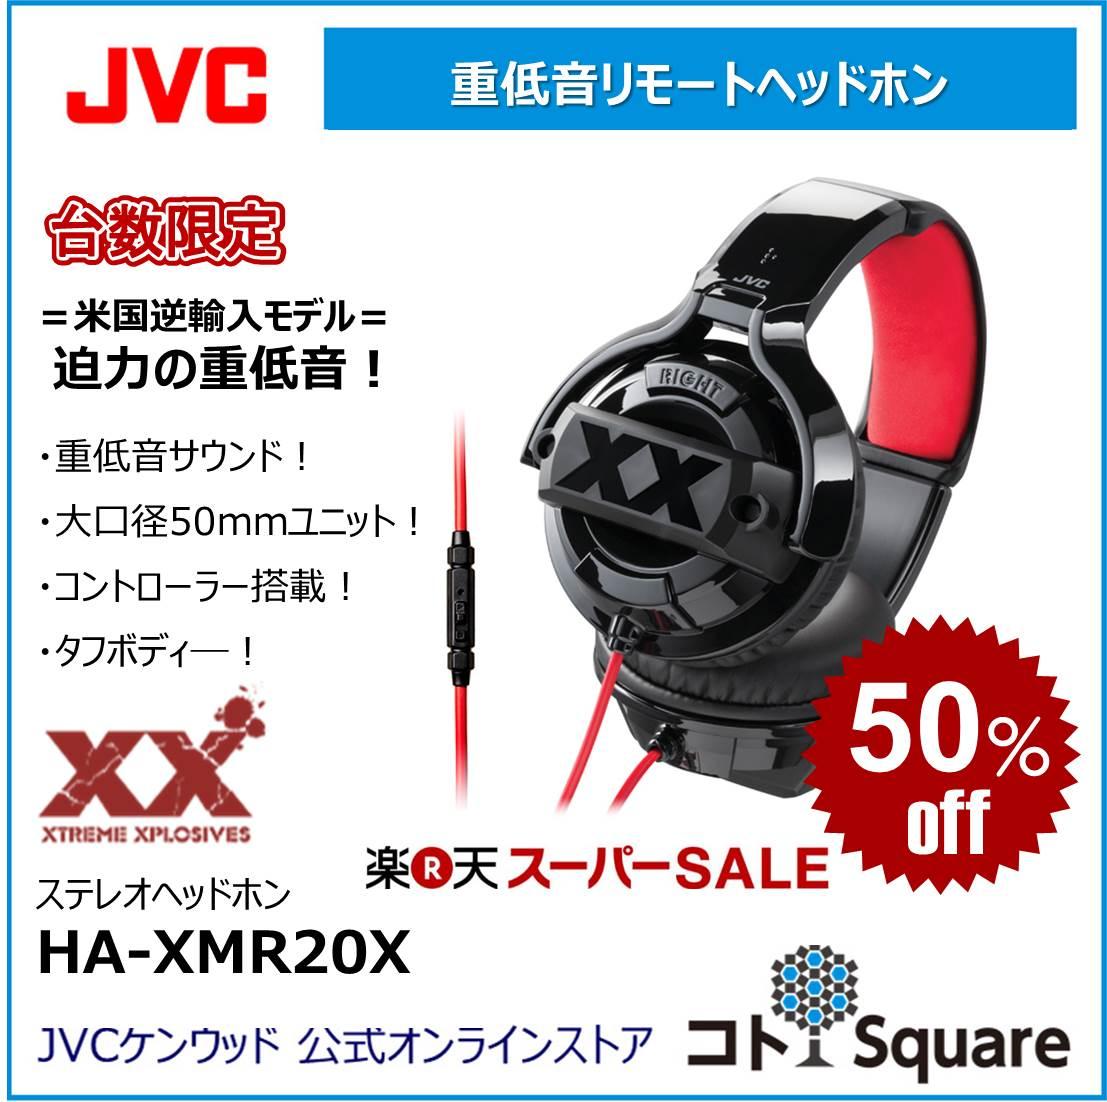 【全国送料無料】 JVC 重低音ヘッドホン HA-XMR20X 重低音 タフ headphone 1.2mコード XX XXシリーズ リモコン付 密閉型ヘッドホン ブラック レッド 米国 逆輸入デザイン スマホ iPhone 対応 ハンズフリー コトSquare コトスクエア